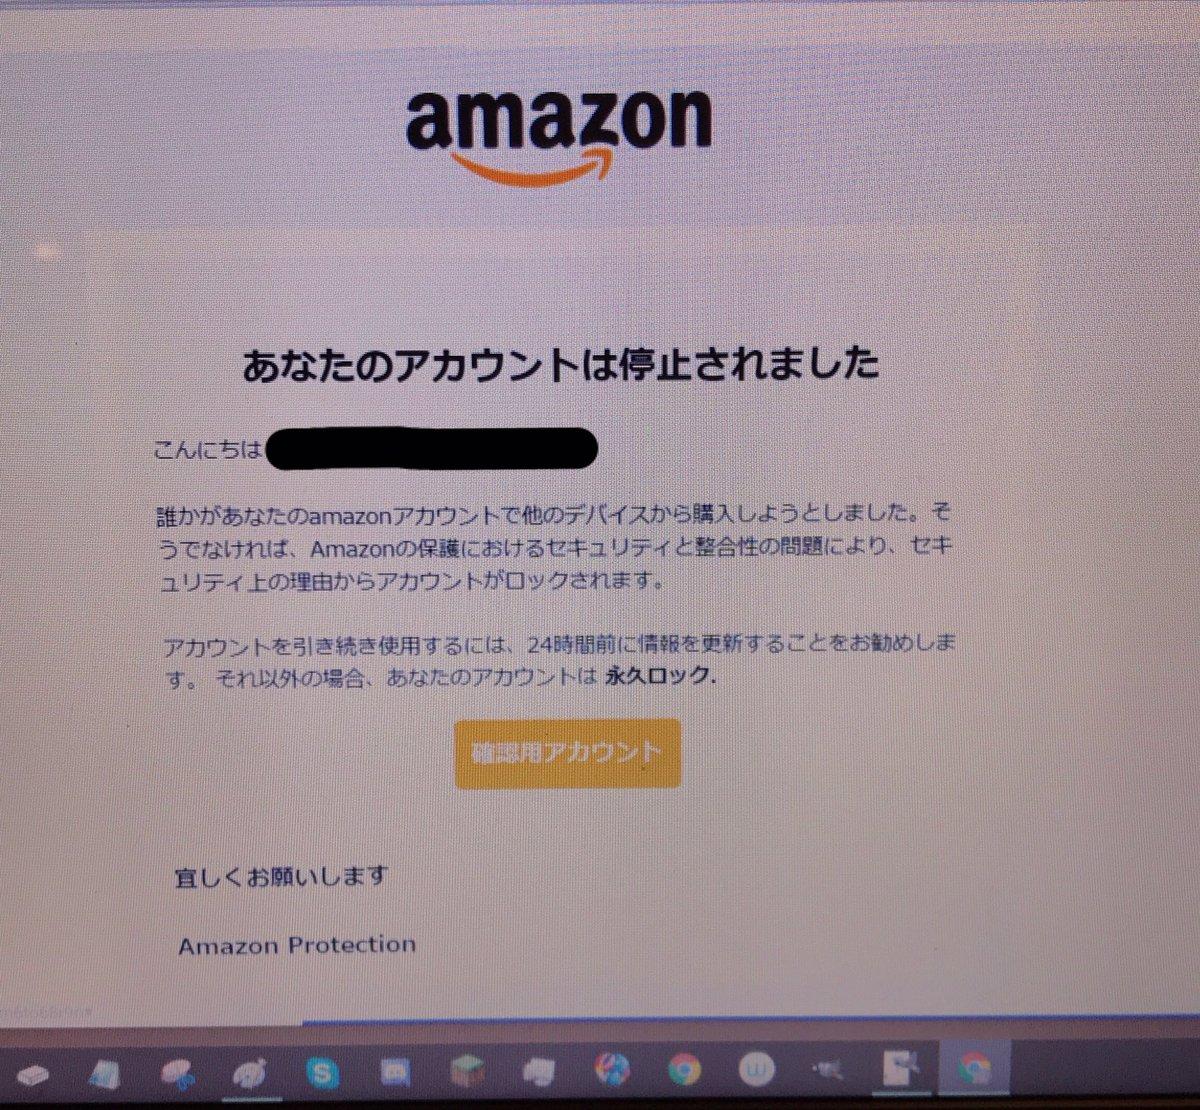 PCにAmazonからアカウント停止のメールきてさ、「確認用アカウント」ってとこ進んでみたら住所とか入力する欄があって、しかもクレジットカード登録させる欄もあっては?と思ってAmazonからログインしたら普通にログインできた。これ詐欺メールやな…(っぶねー!)